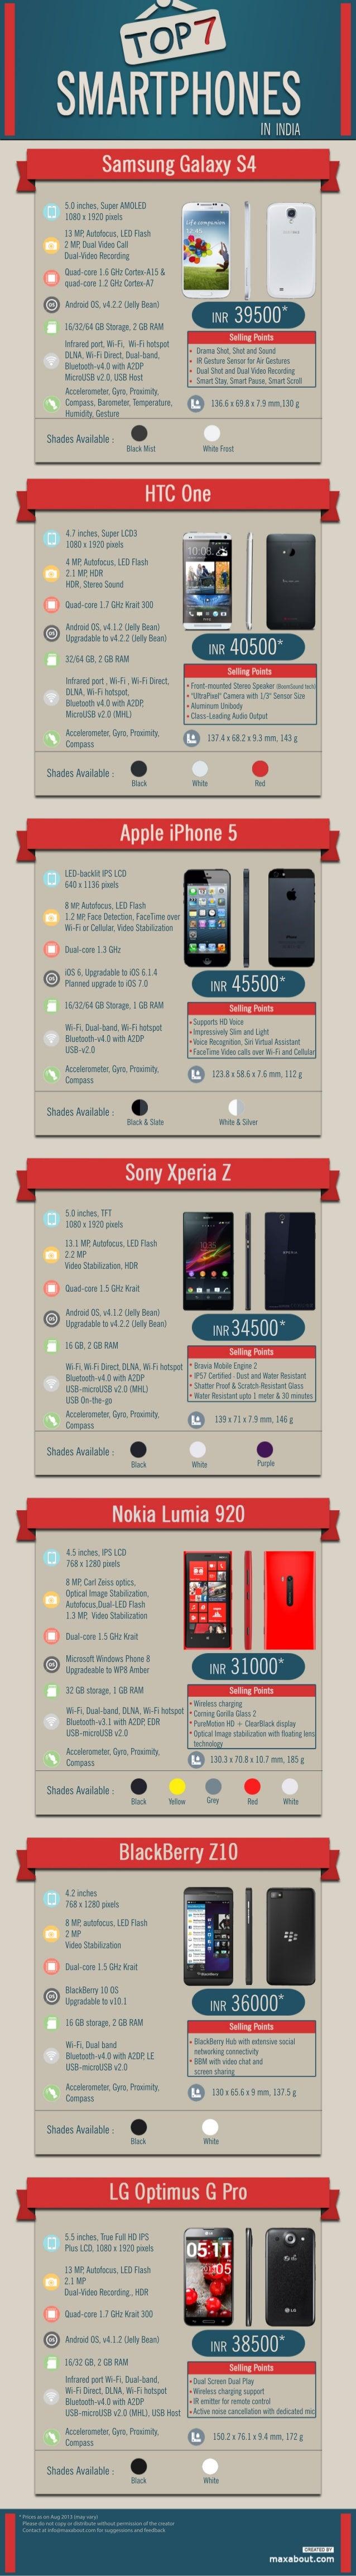 Top 7 Smartphones in India